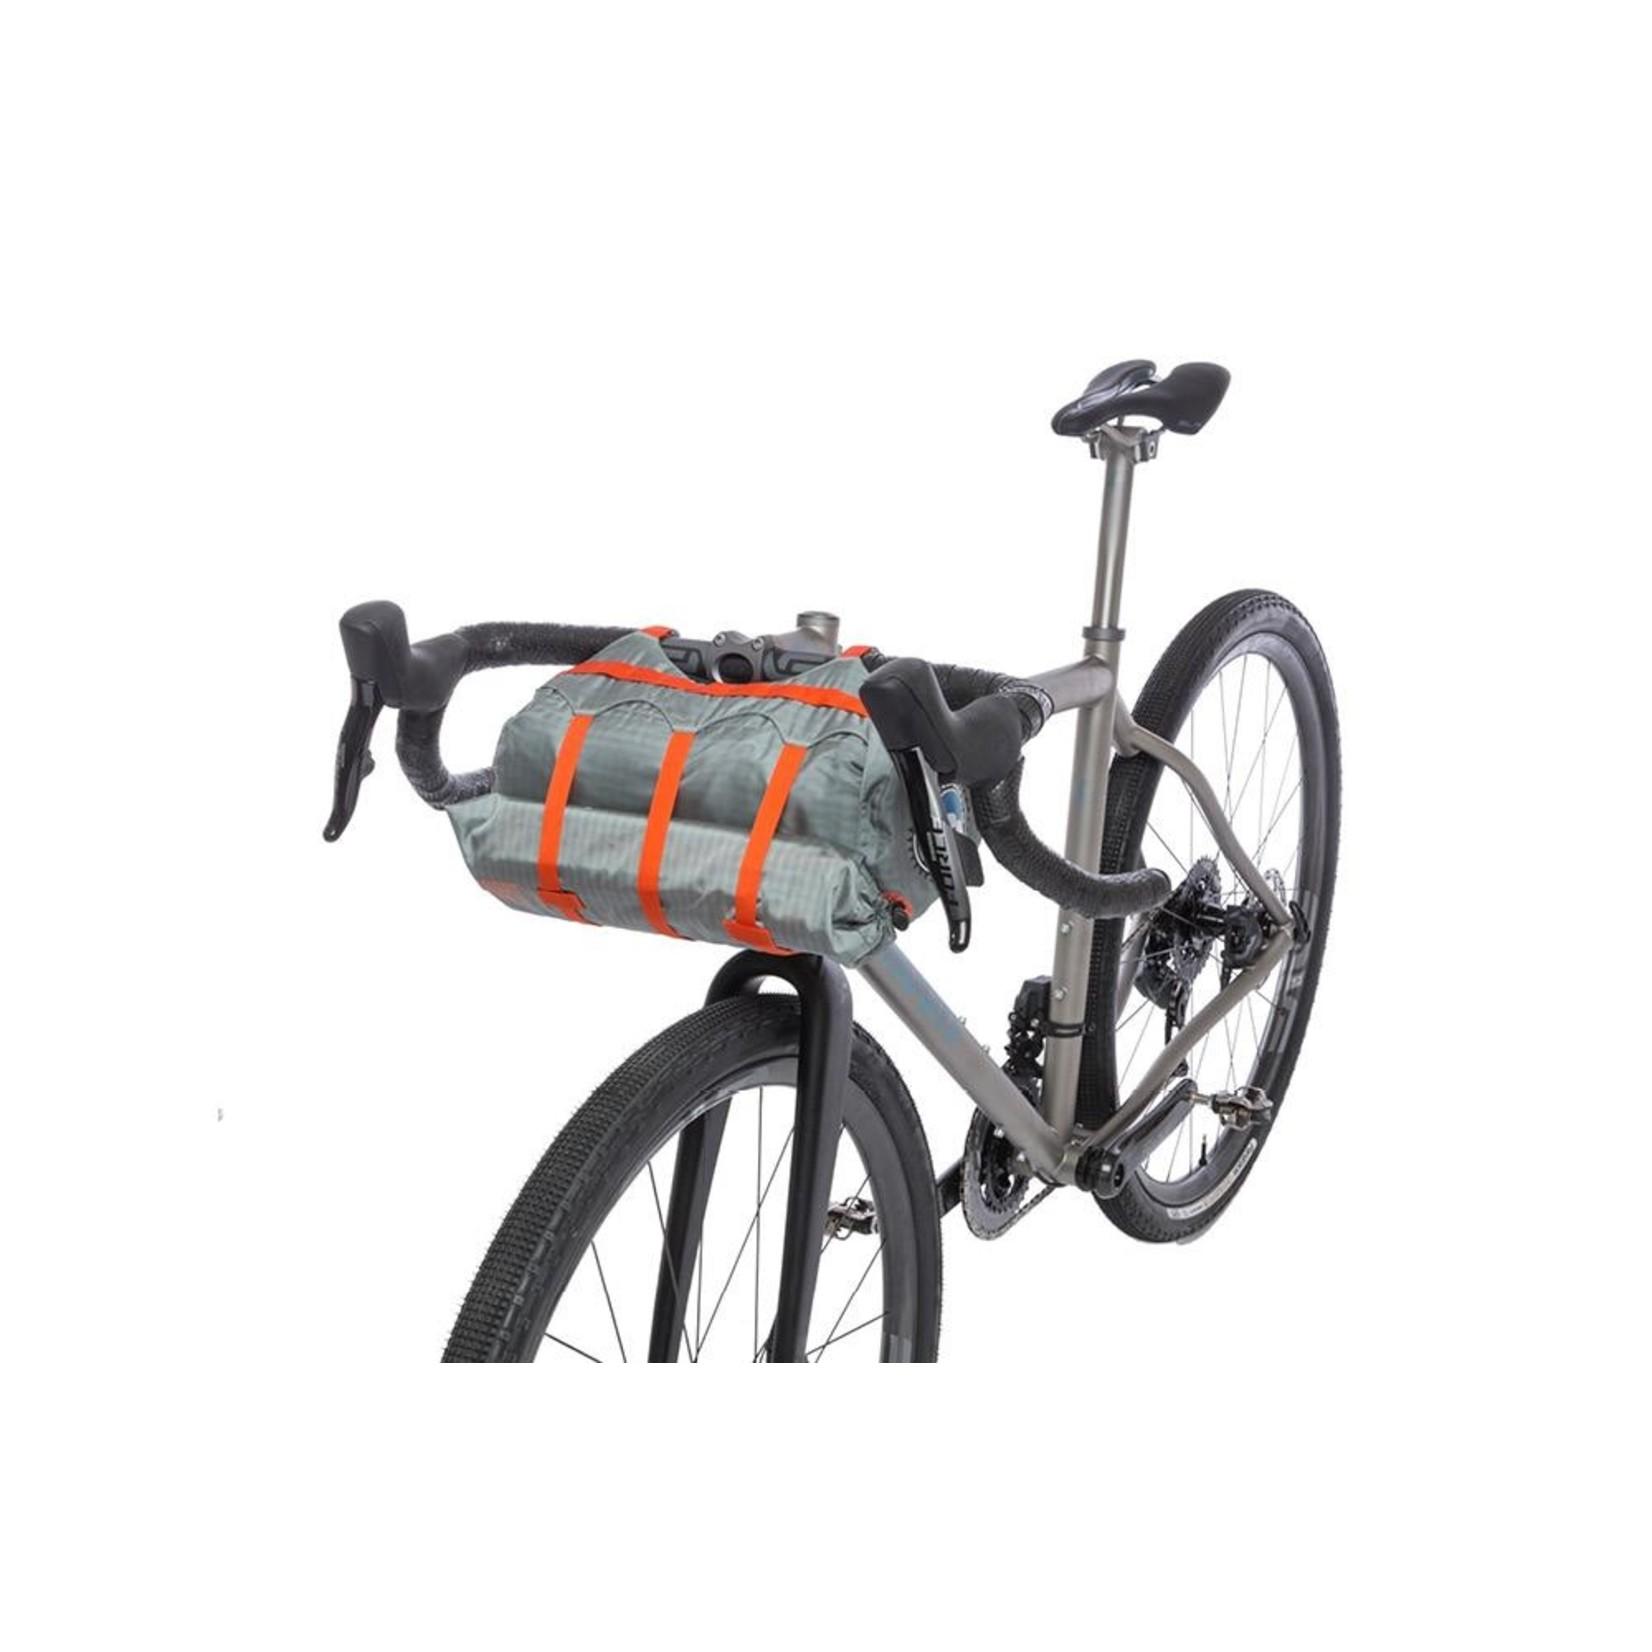 Big Agnes Copper Spur HV UL2 Bikepack